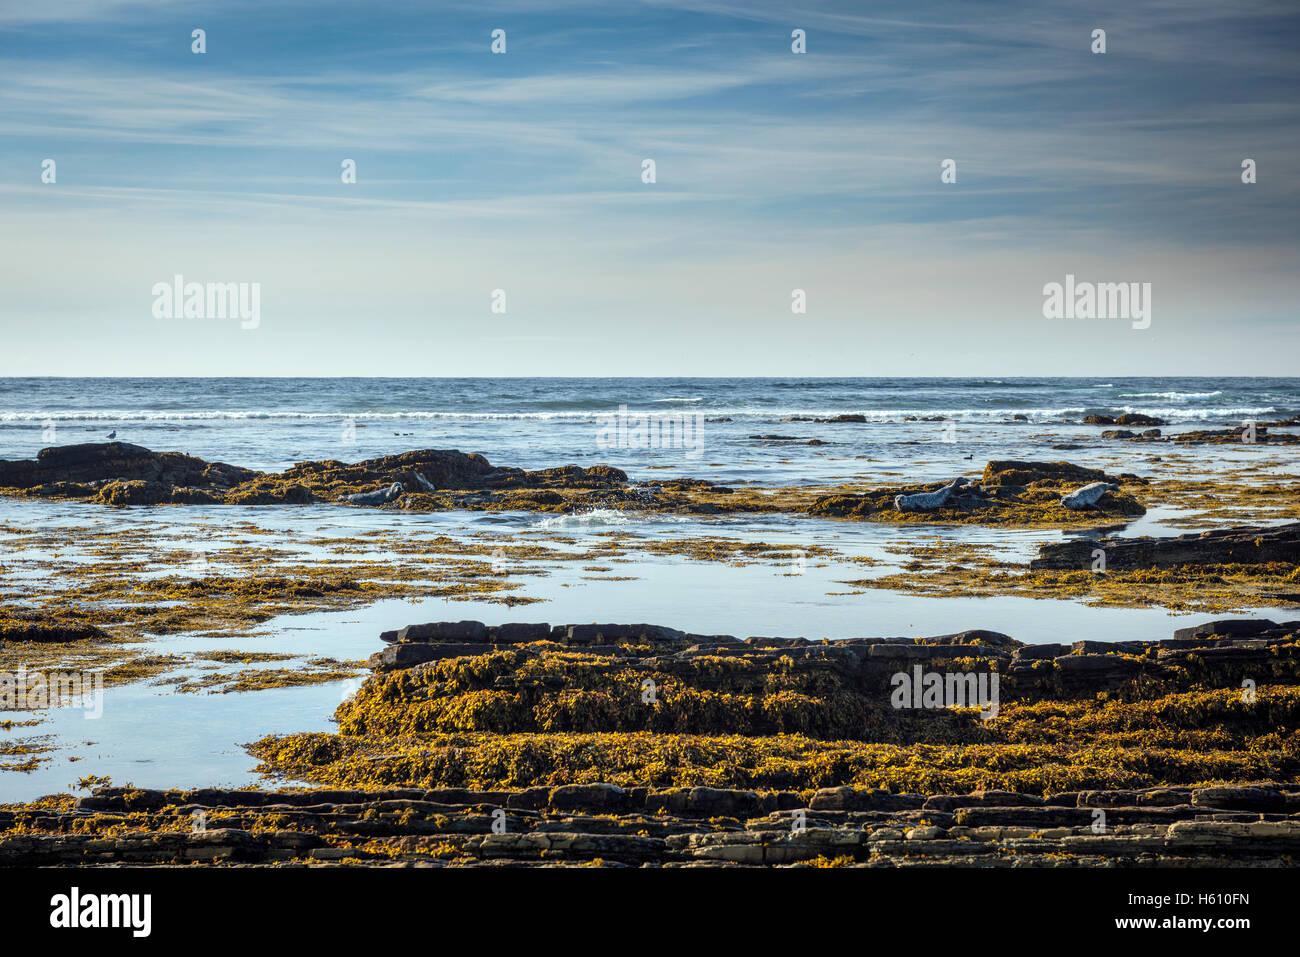 Seals basking on the rocks at Birsay Bay, Mainland Orkney, Scotland, UK - Stock Image